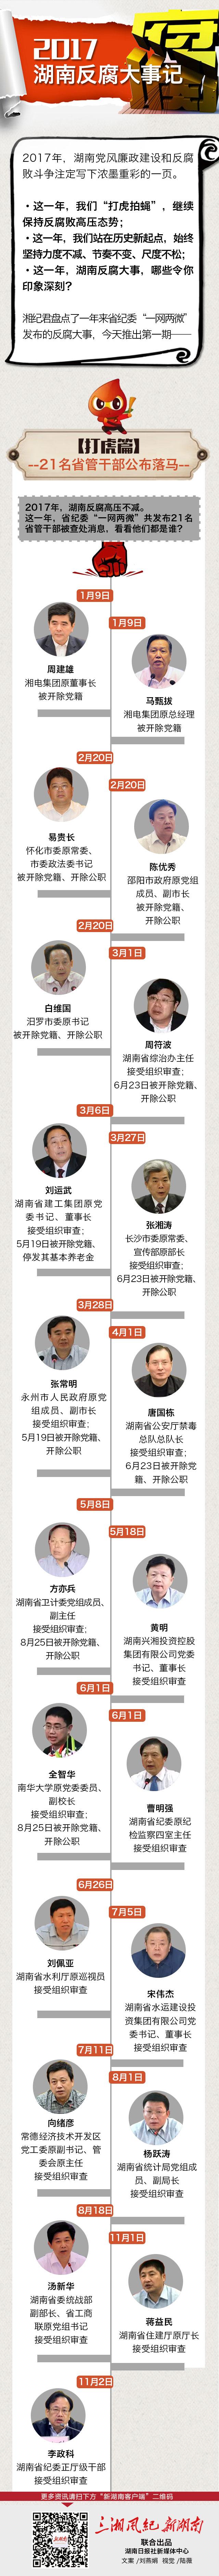 2017湖南公布21名省管干部落马,看看他们都是谁 新湖南www.hunanabc.com